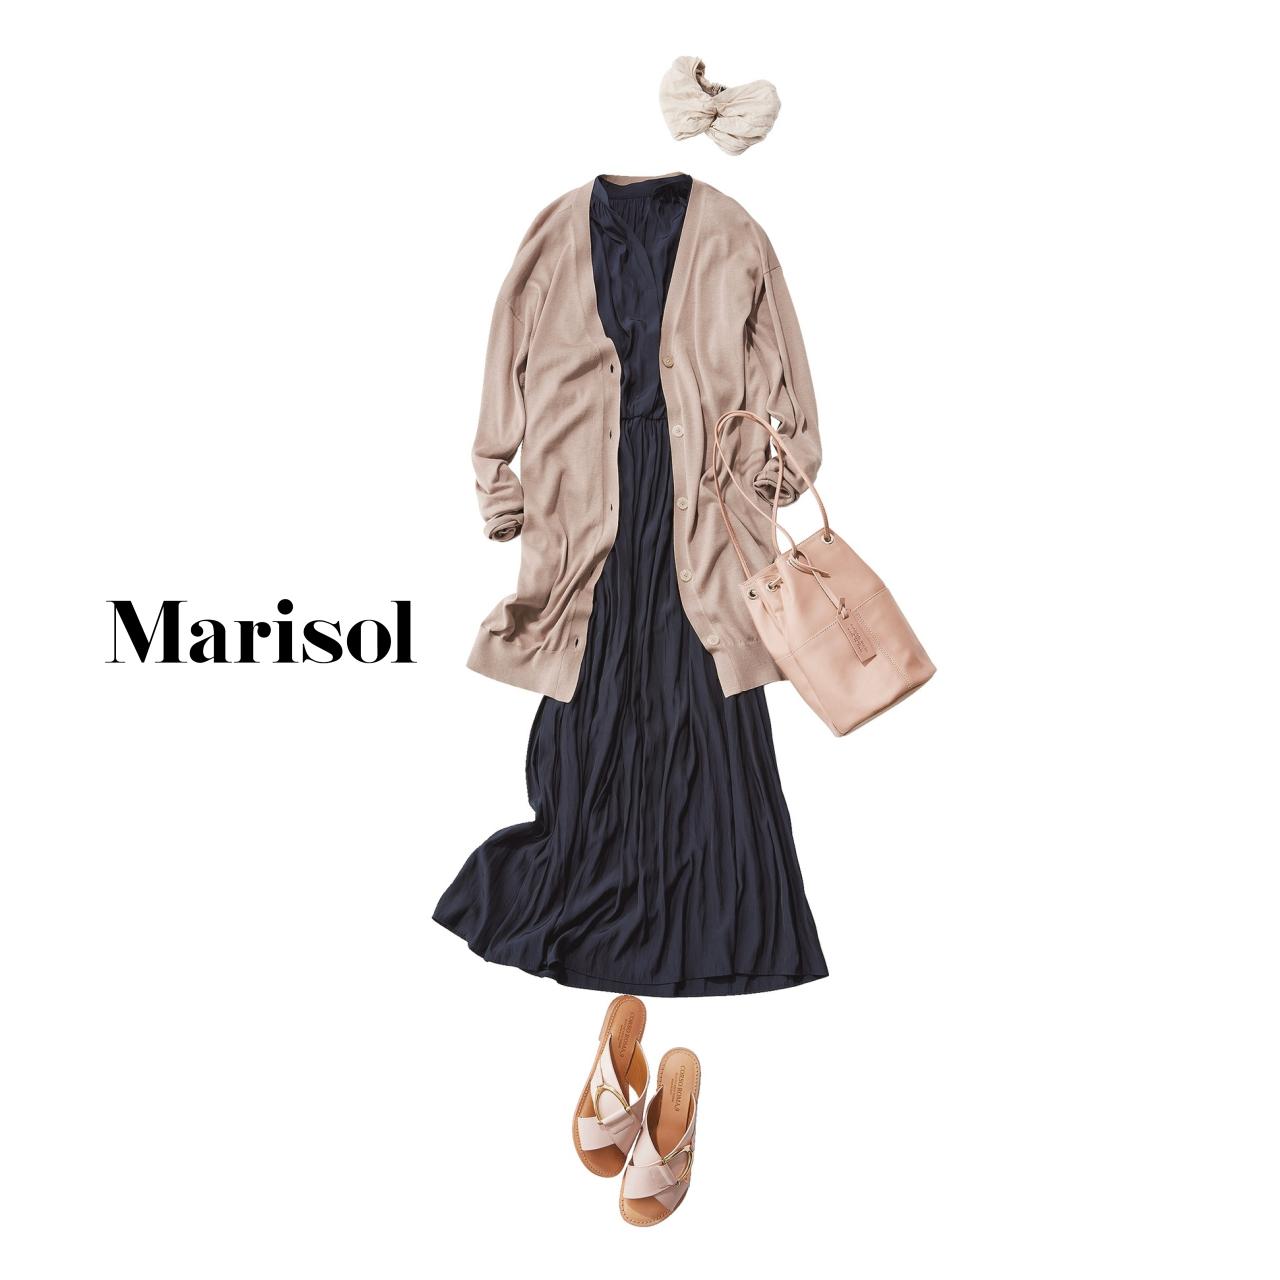 40代ファッション シャーリングワンピース×カーディガンコーデ